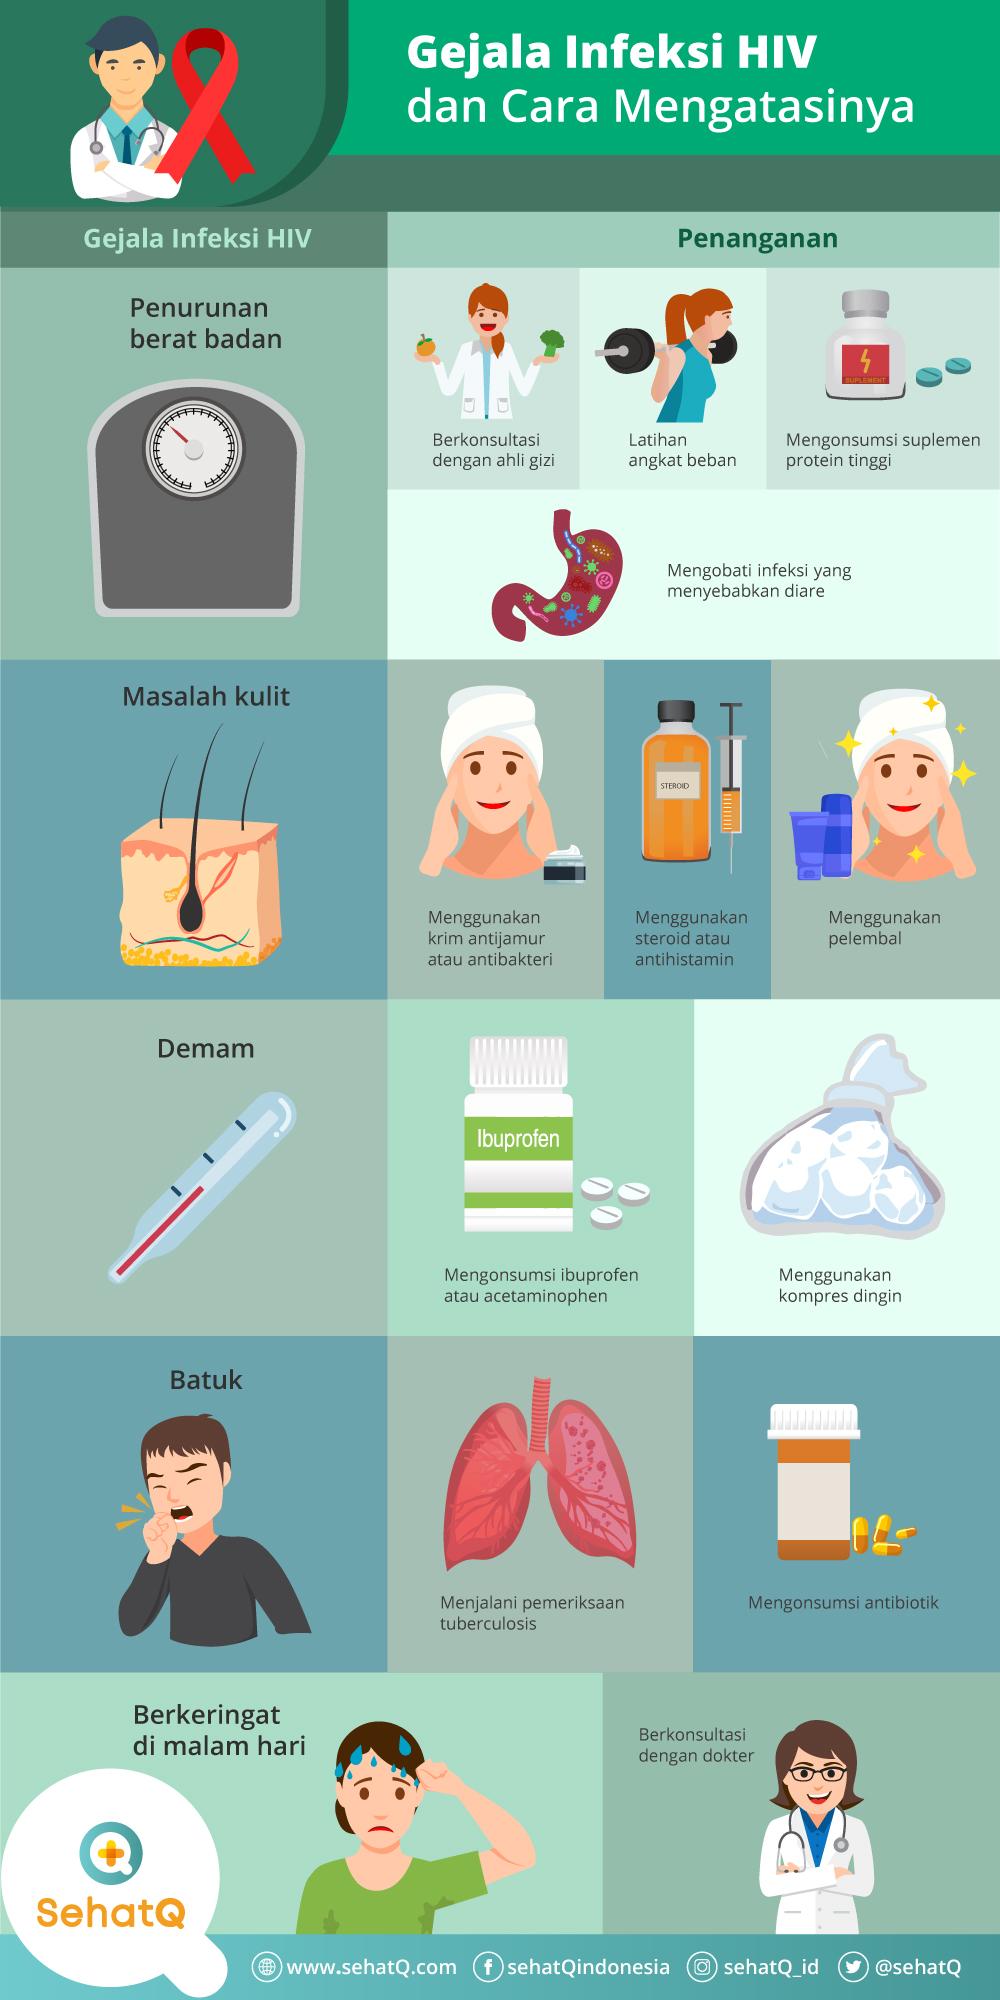 Infografis gejala infeksi HIV dan cara mengatasinya